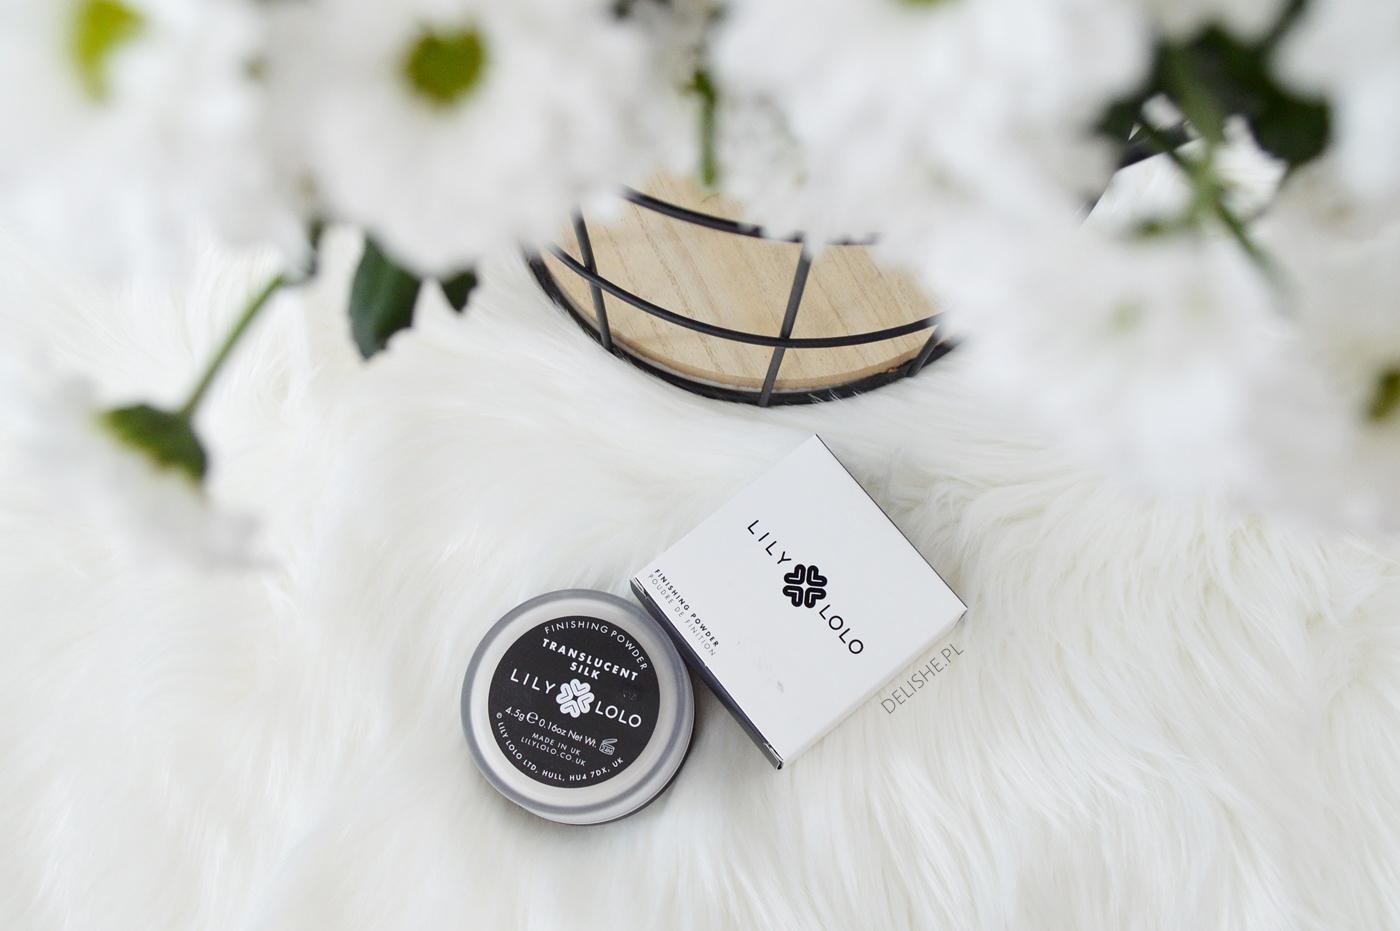 kosmetyki mineralne latem - Translucent Silk Lily Lolo